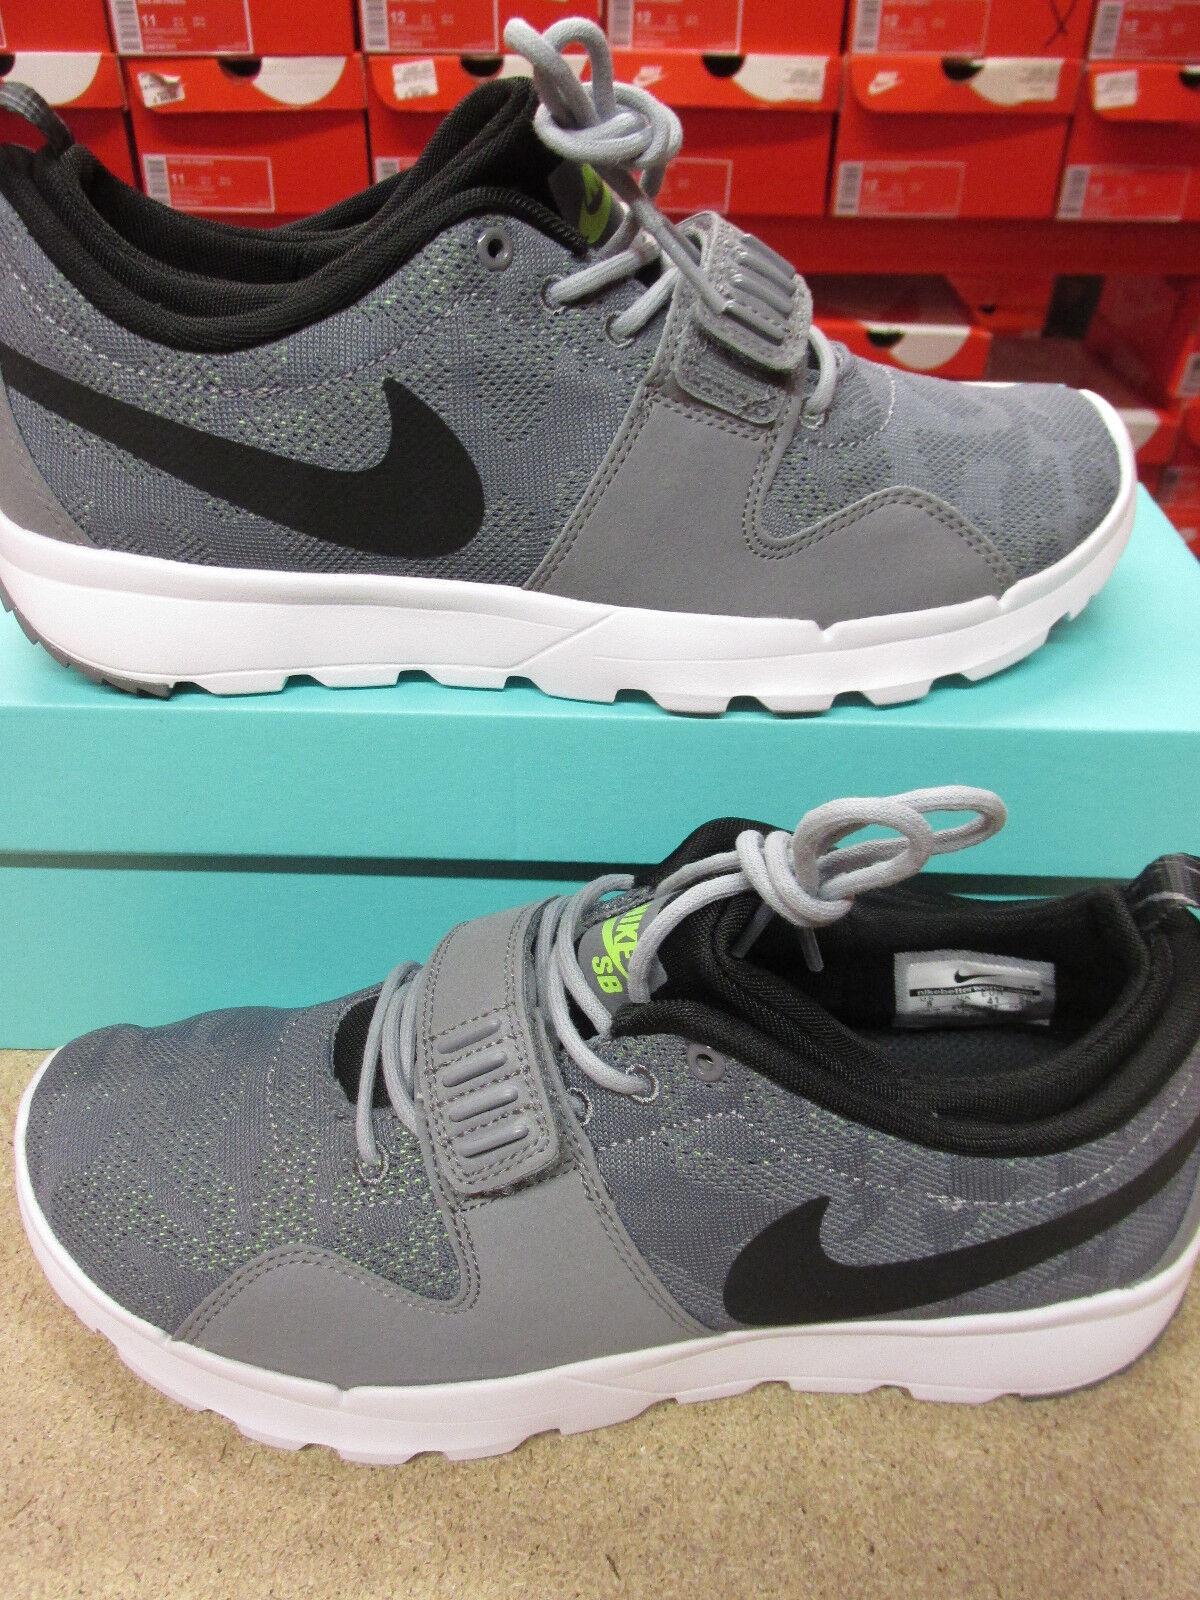 Zapatillas TRAINERENDOR para hombre NIKE SB TRAINERENDOR Zapatillas 616575 007 Tenis Zapatos e38bc7